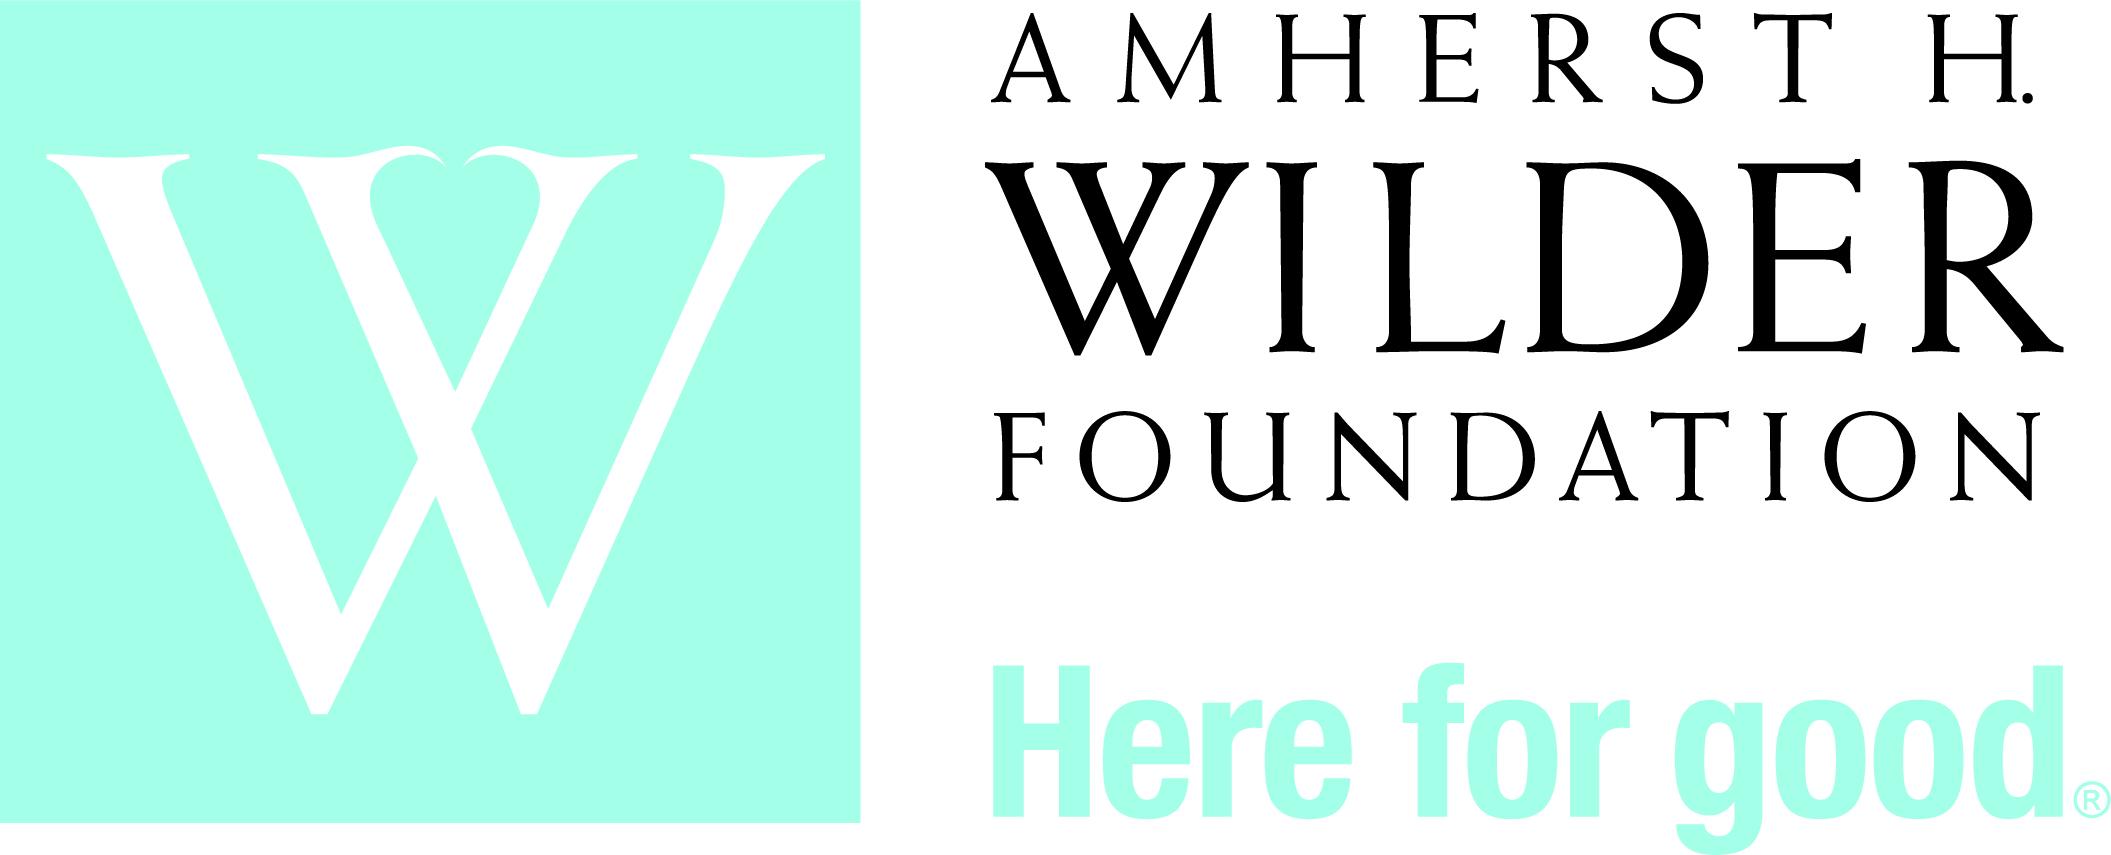 Wilder Foundation logo